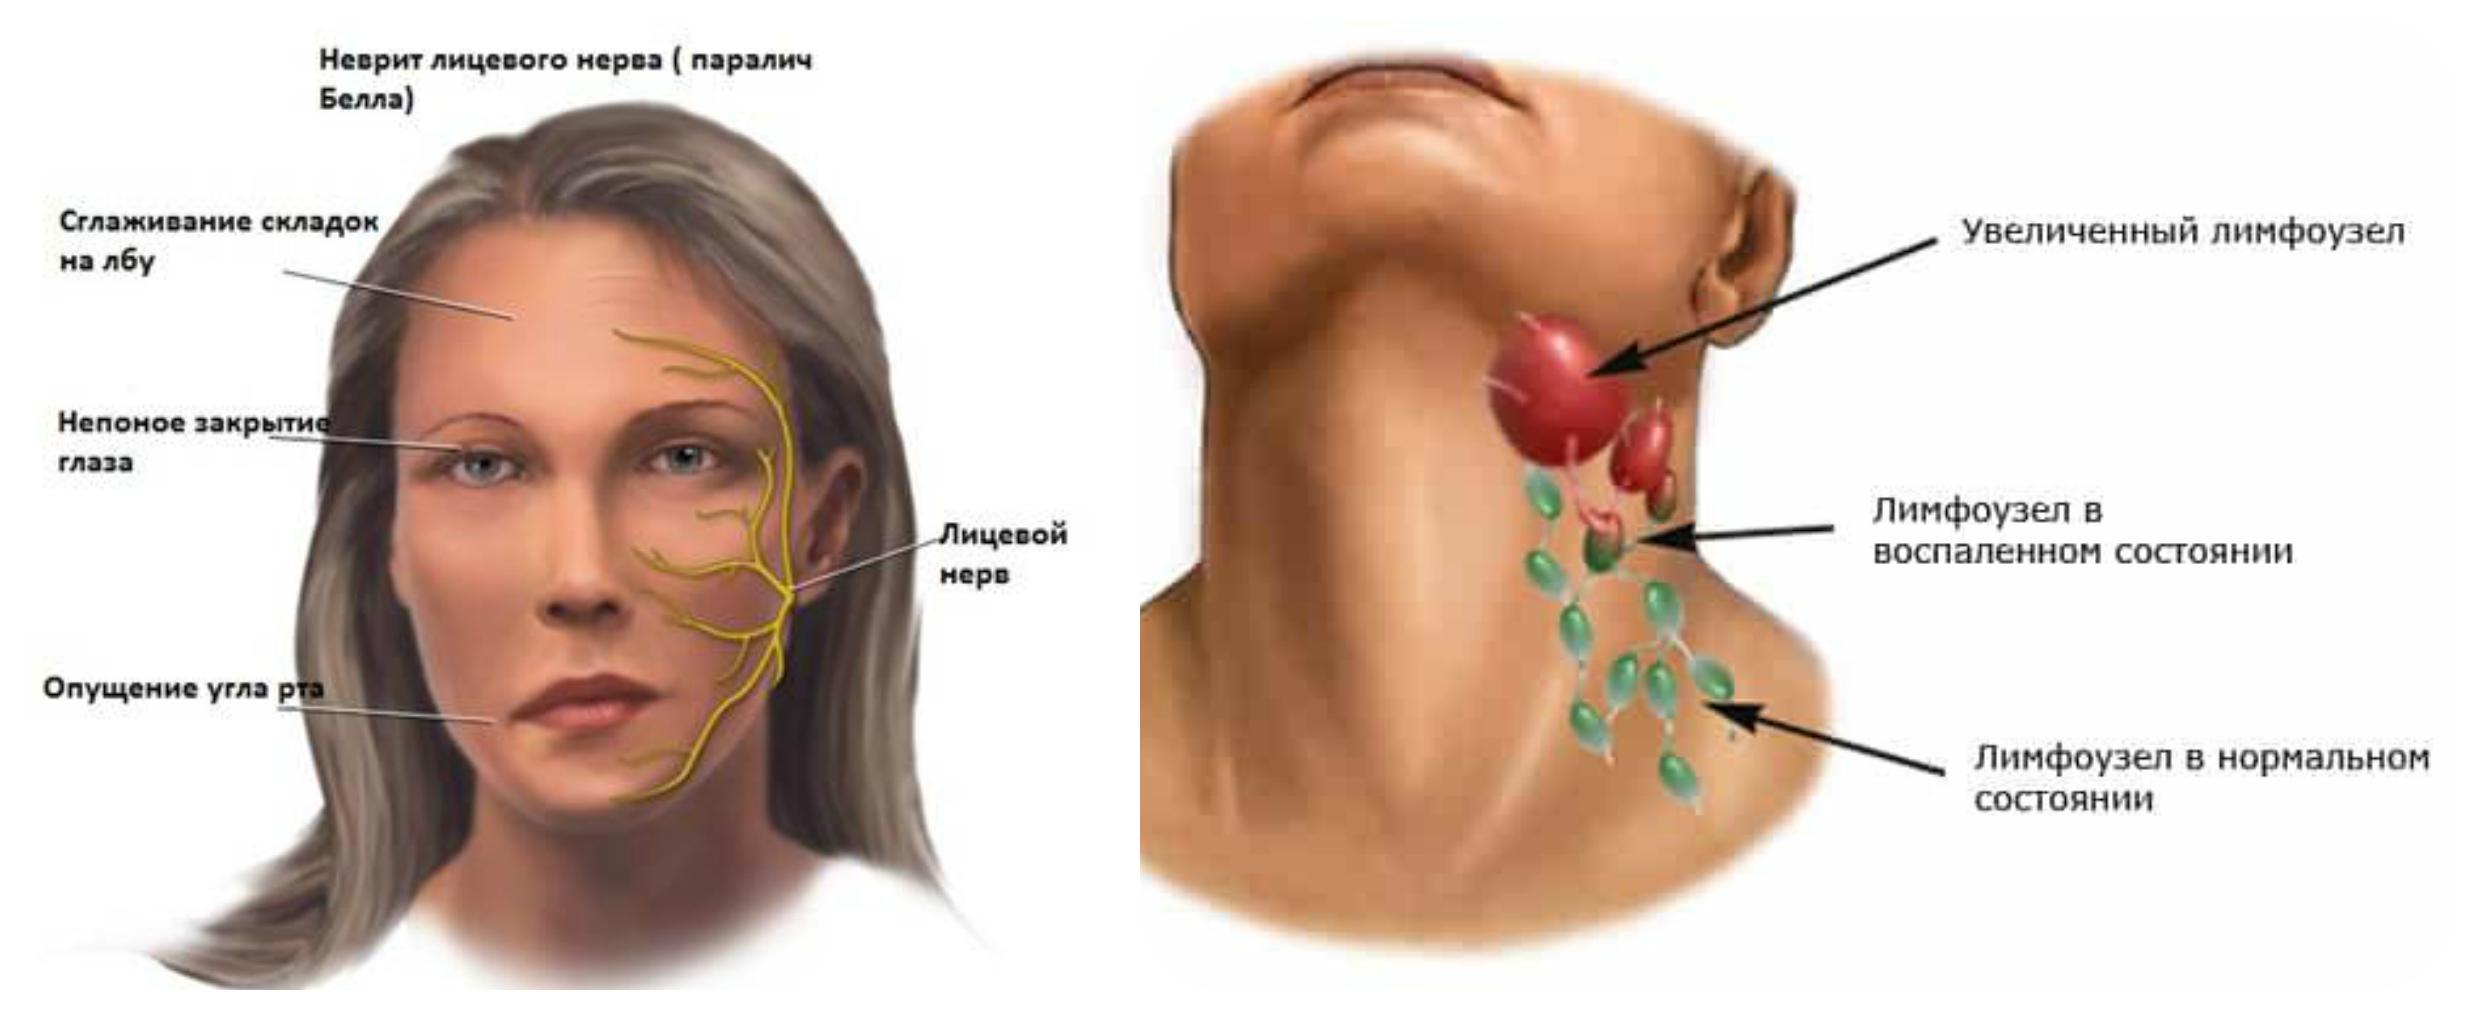 неврит лицевого нерва лимфоузлы